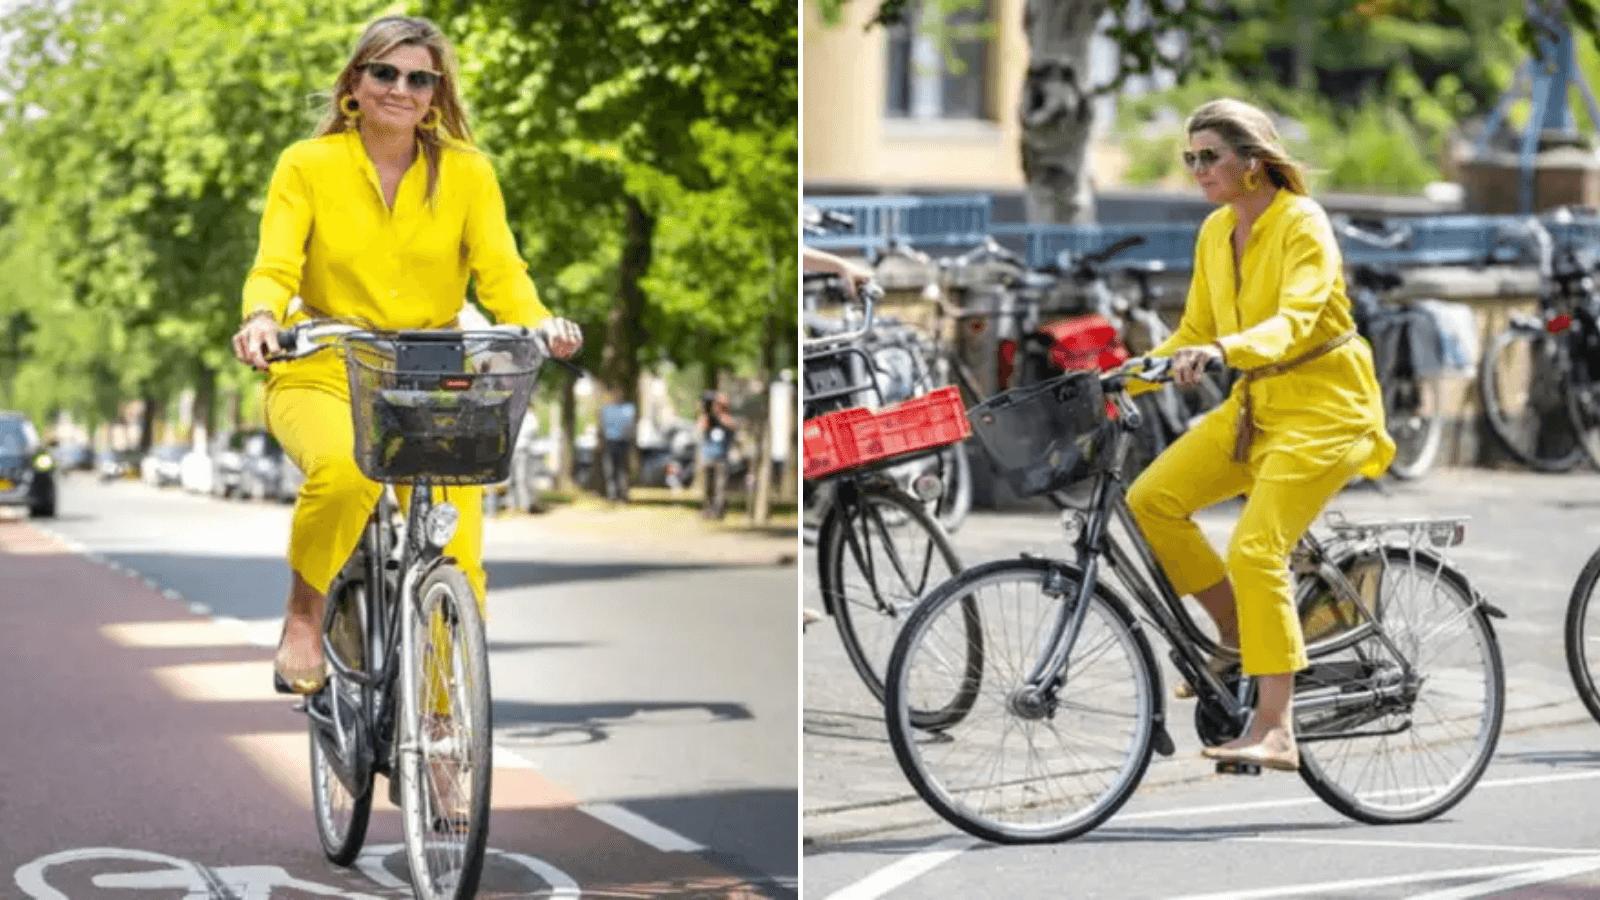 La reina Máxima de Holanda eligió una bicicleta como medio de transporte para asistir a la reapertura de un museo 1